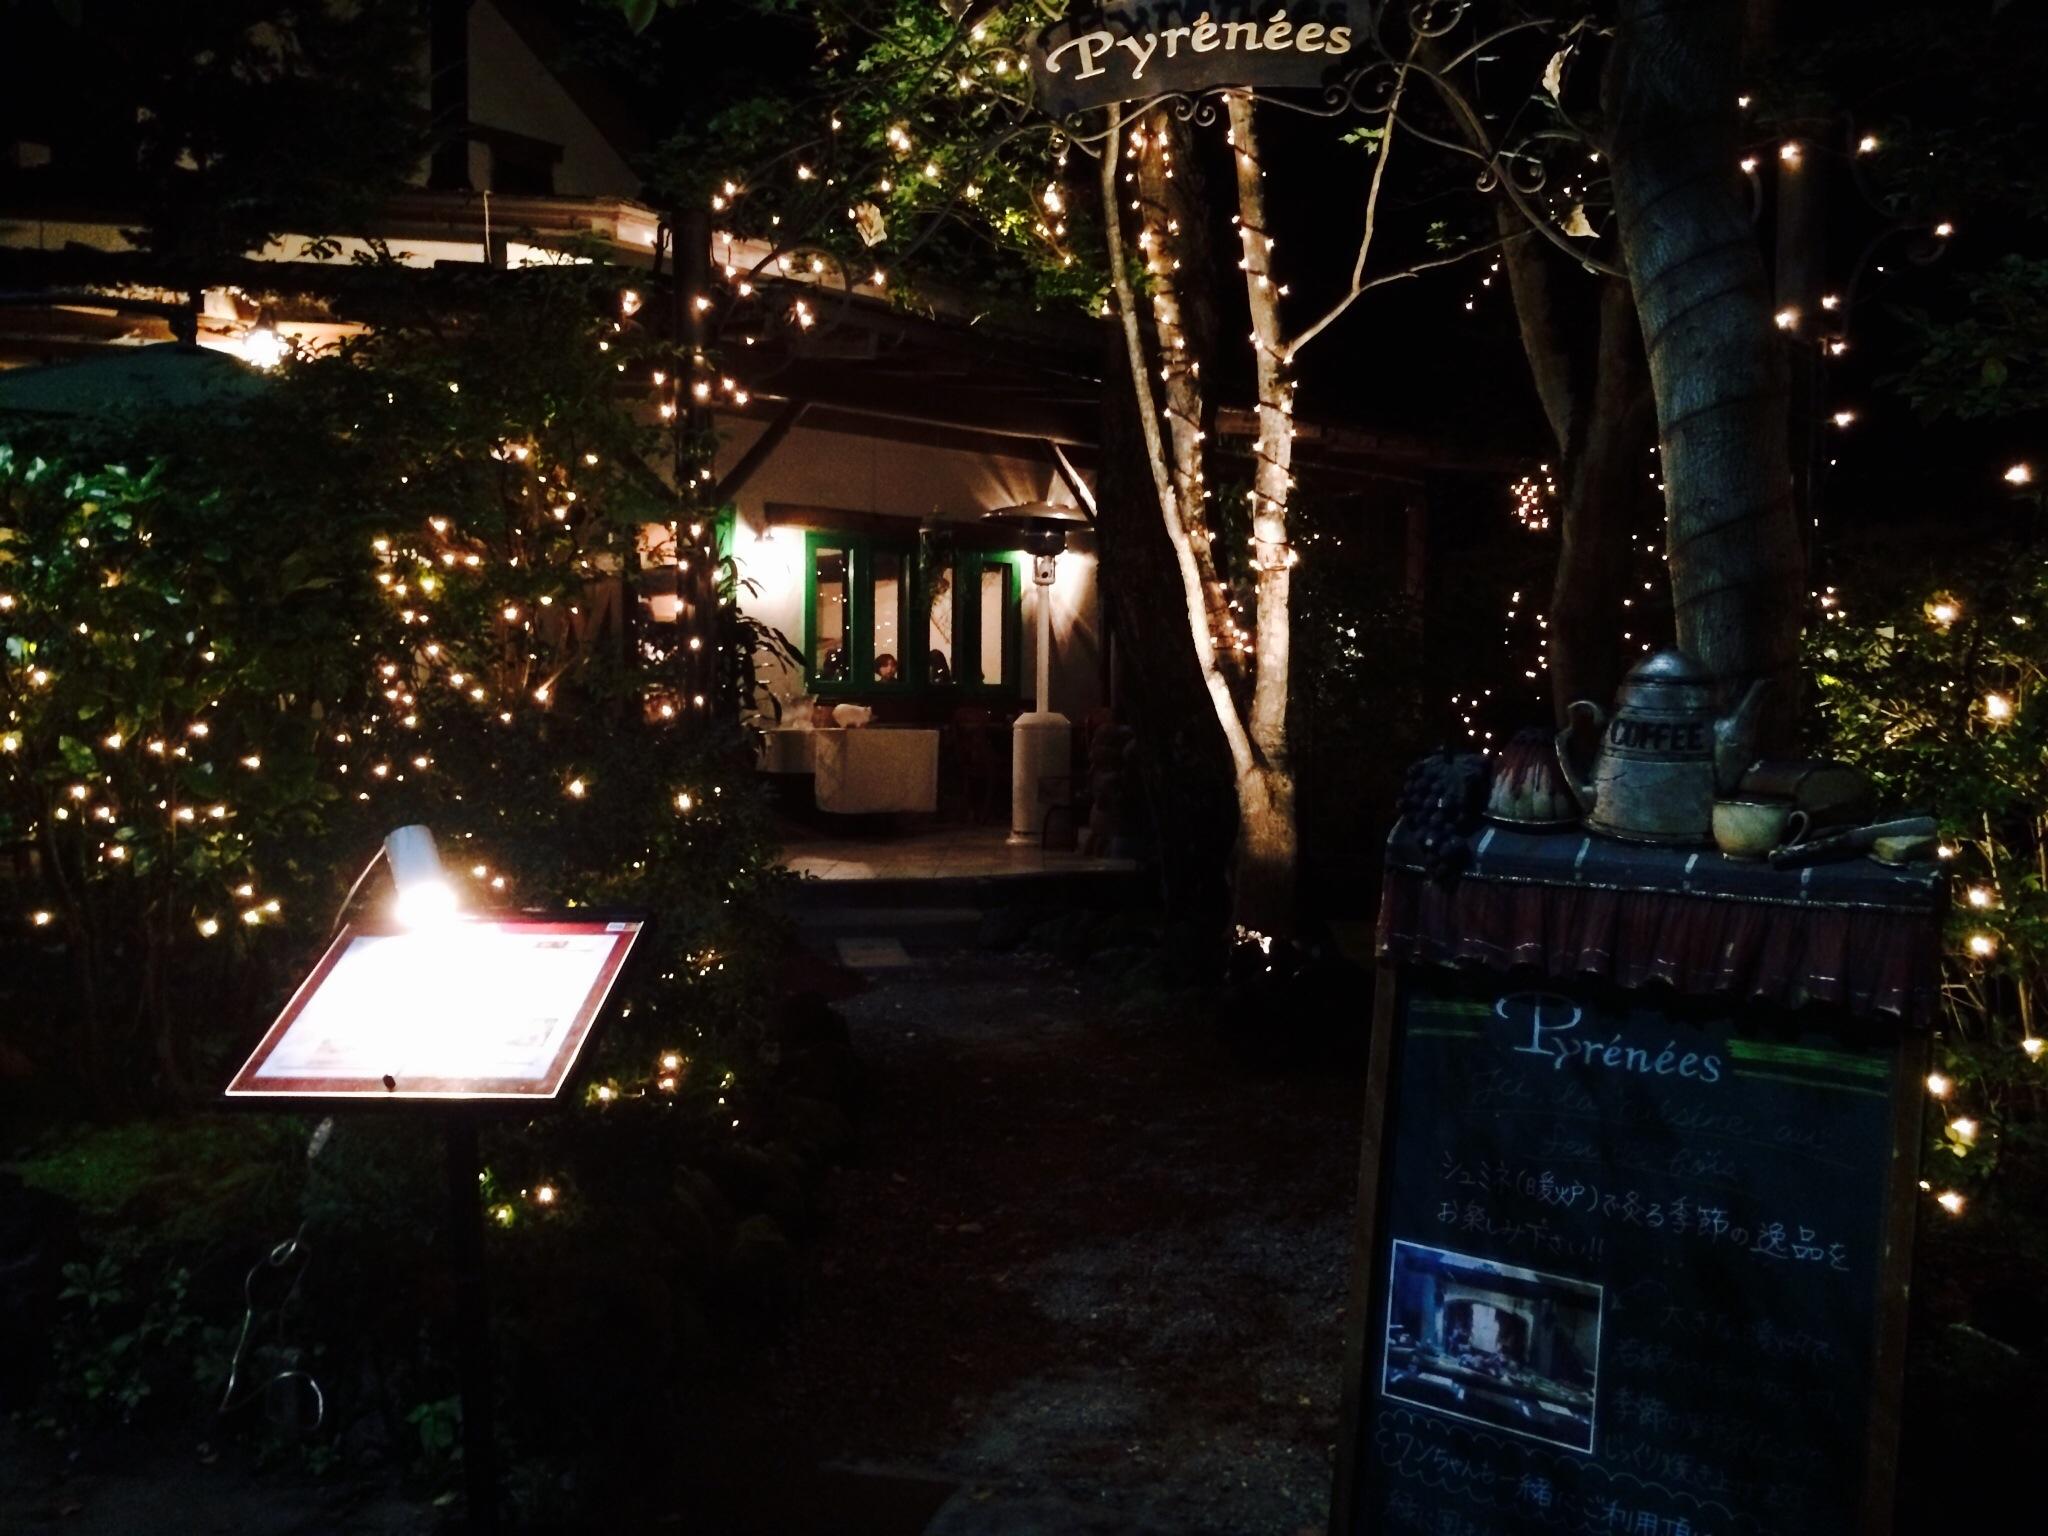 ピレネー夜のイルミネーション